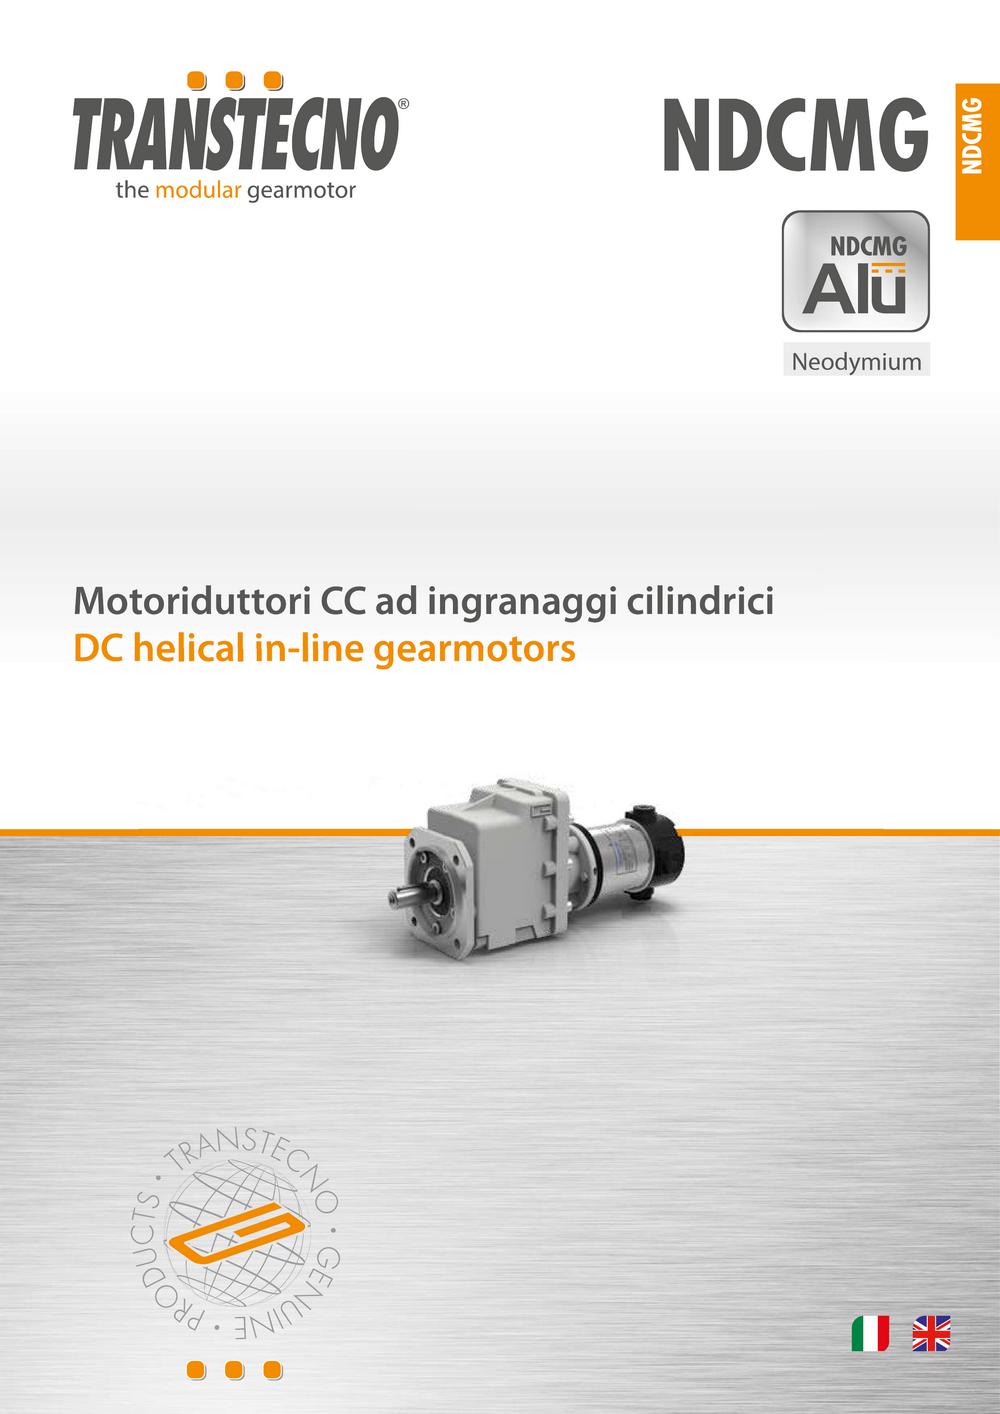 Соосный цилиндрический мотор-редуктор NDCMG.